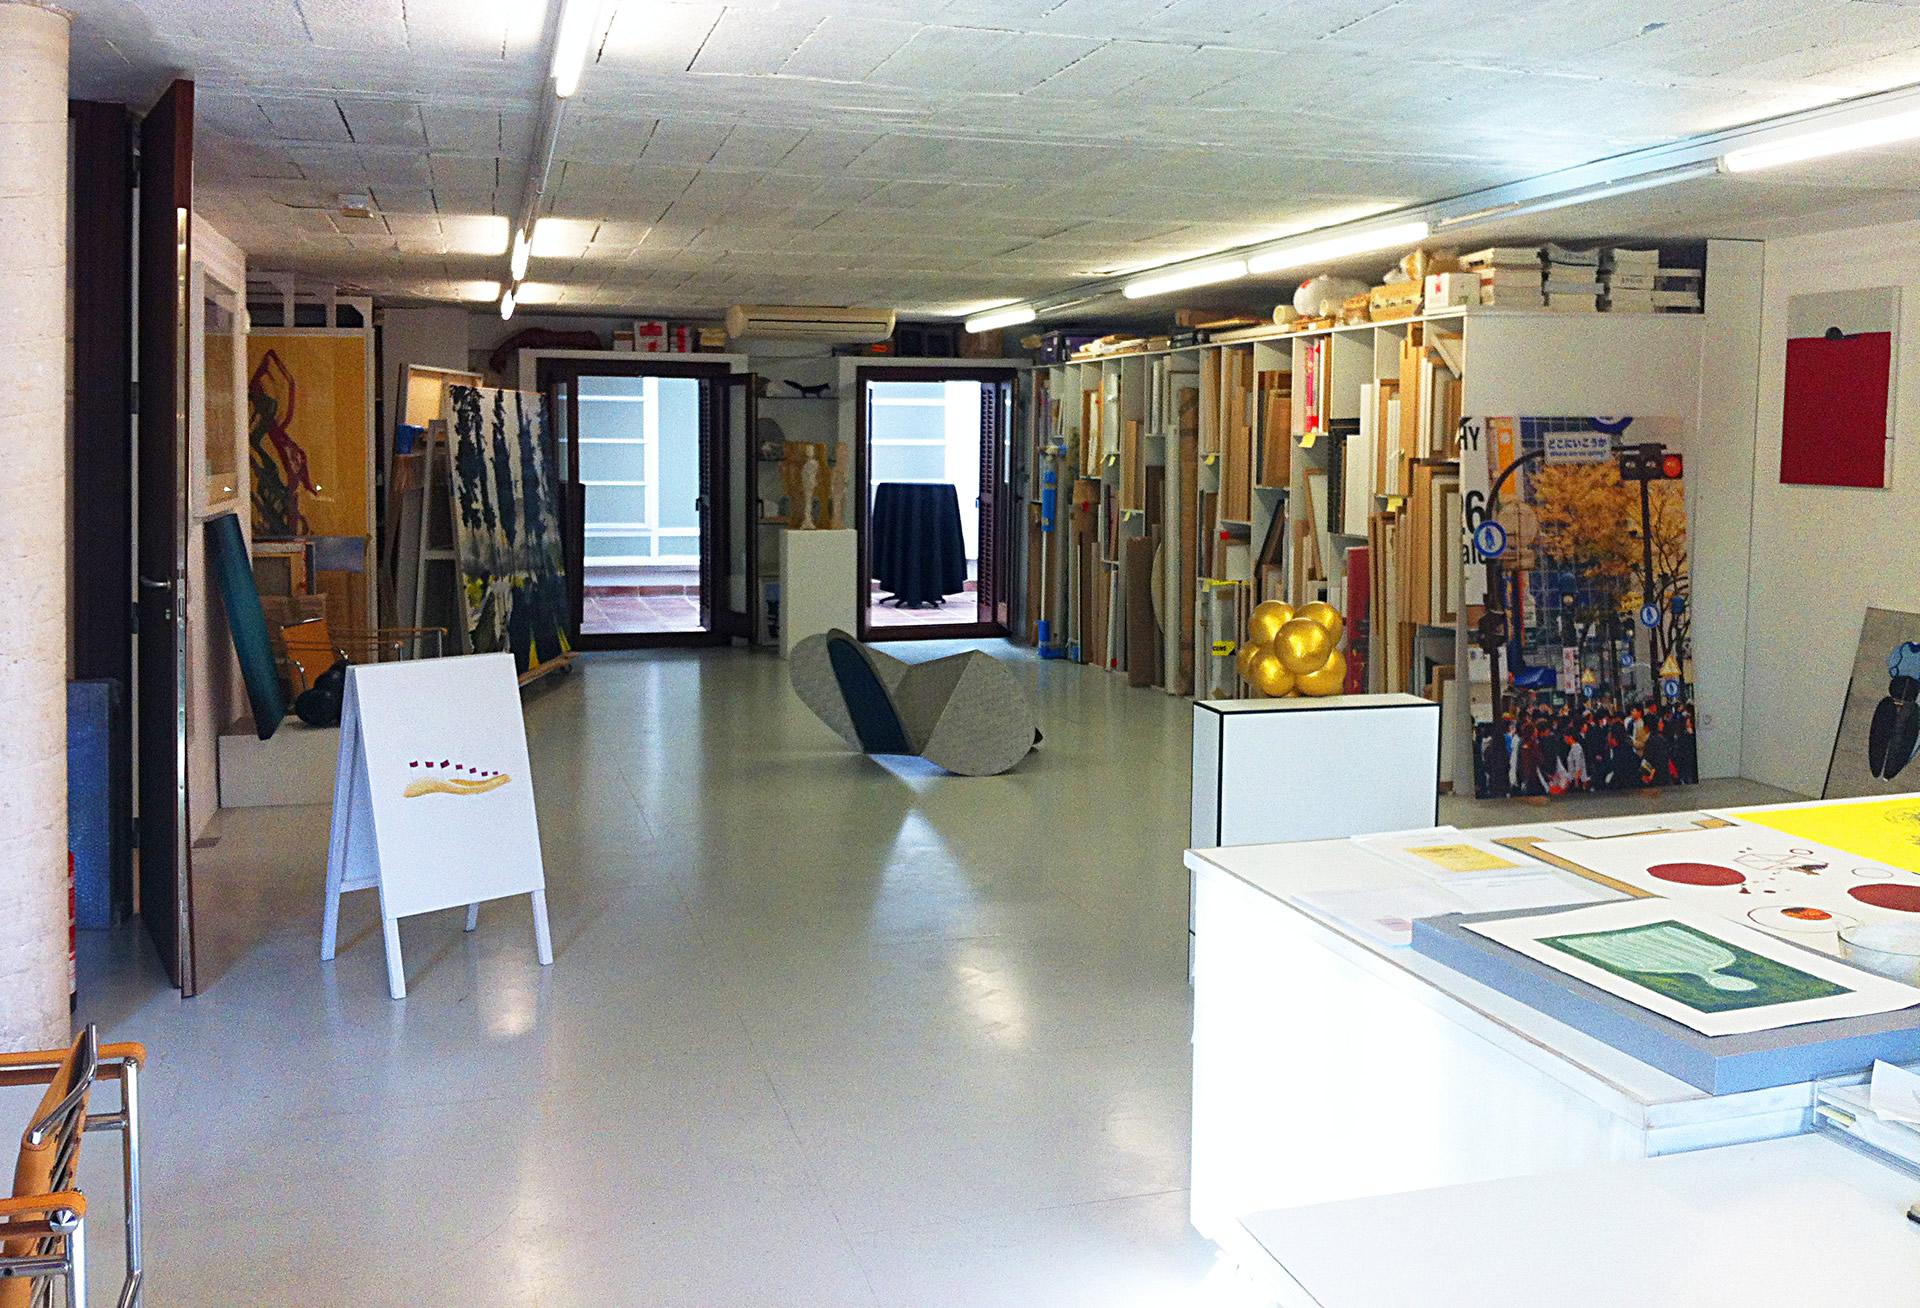 Galeria Maior - The Gallery